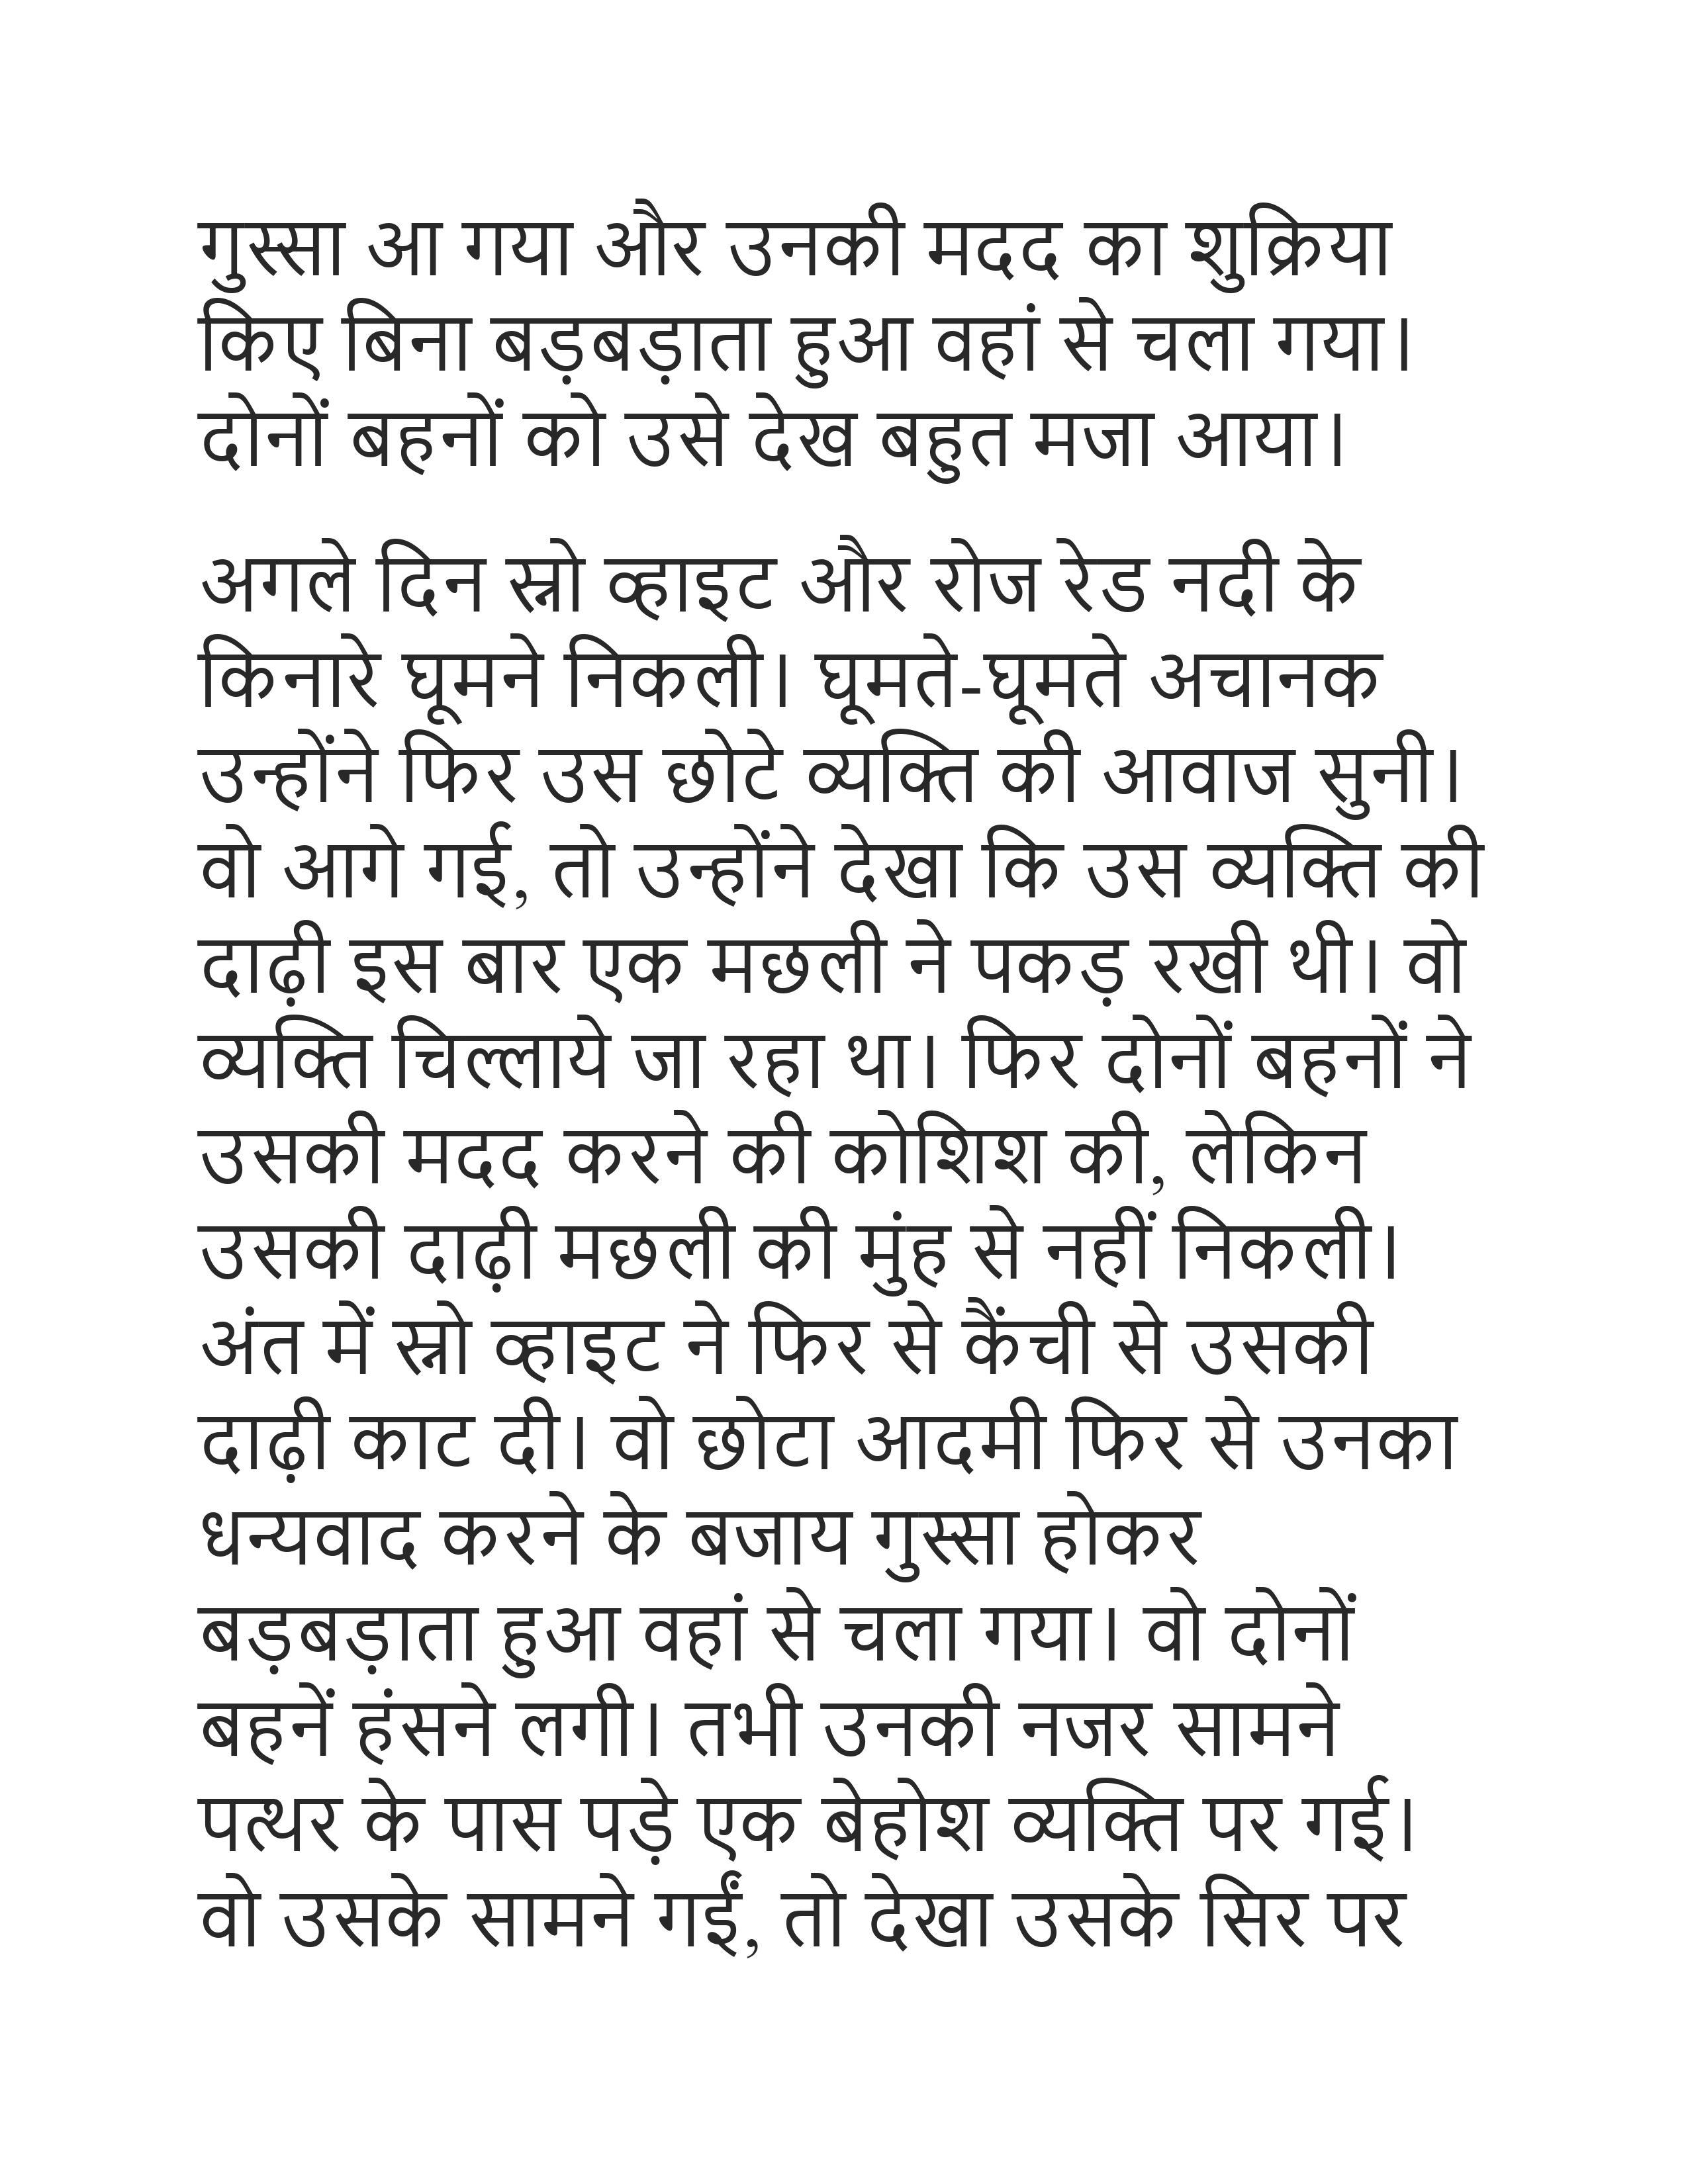 Fairy tales hindi pariyon ki kahaniya 5 1